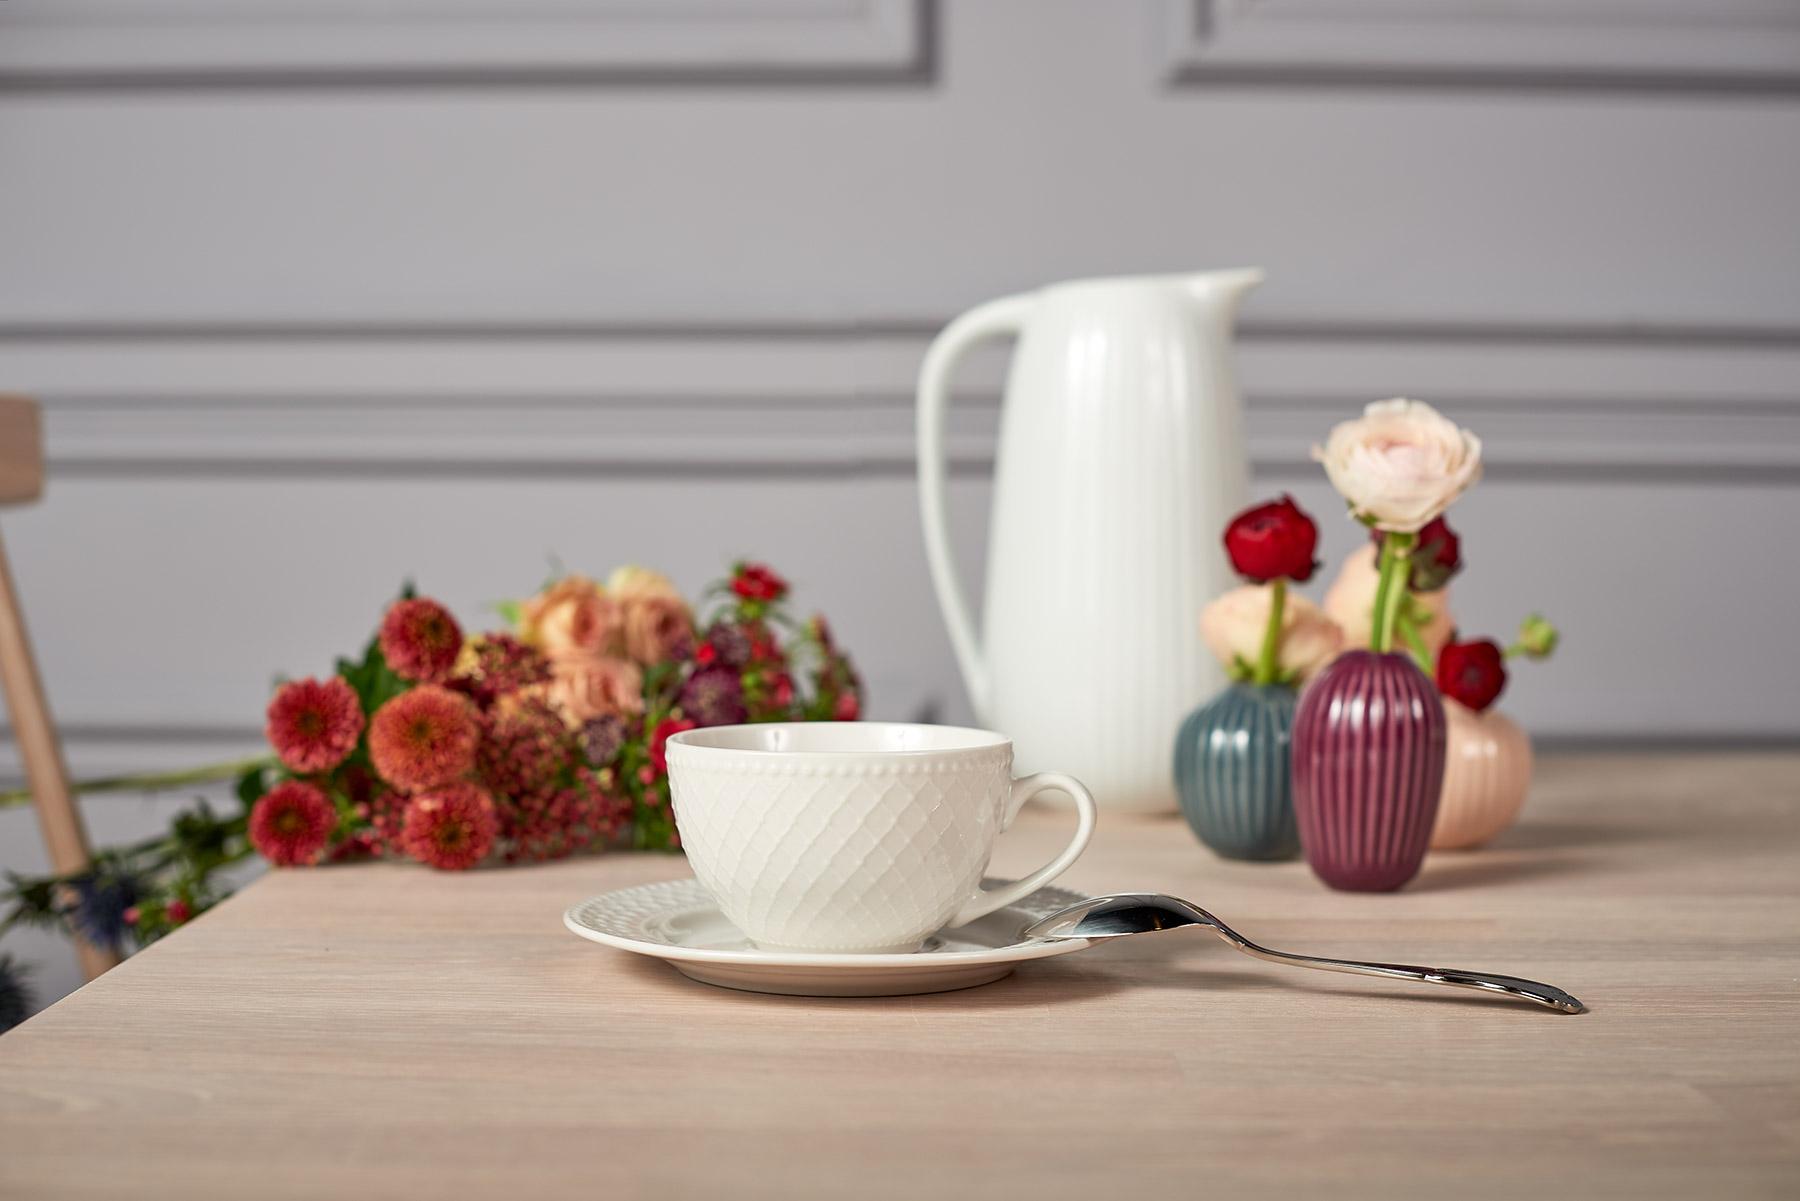 Květinová dekorace a porcelánový hrneček